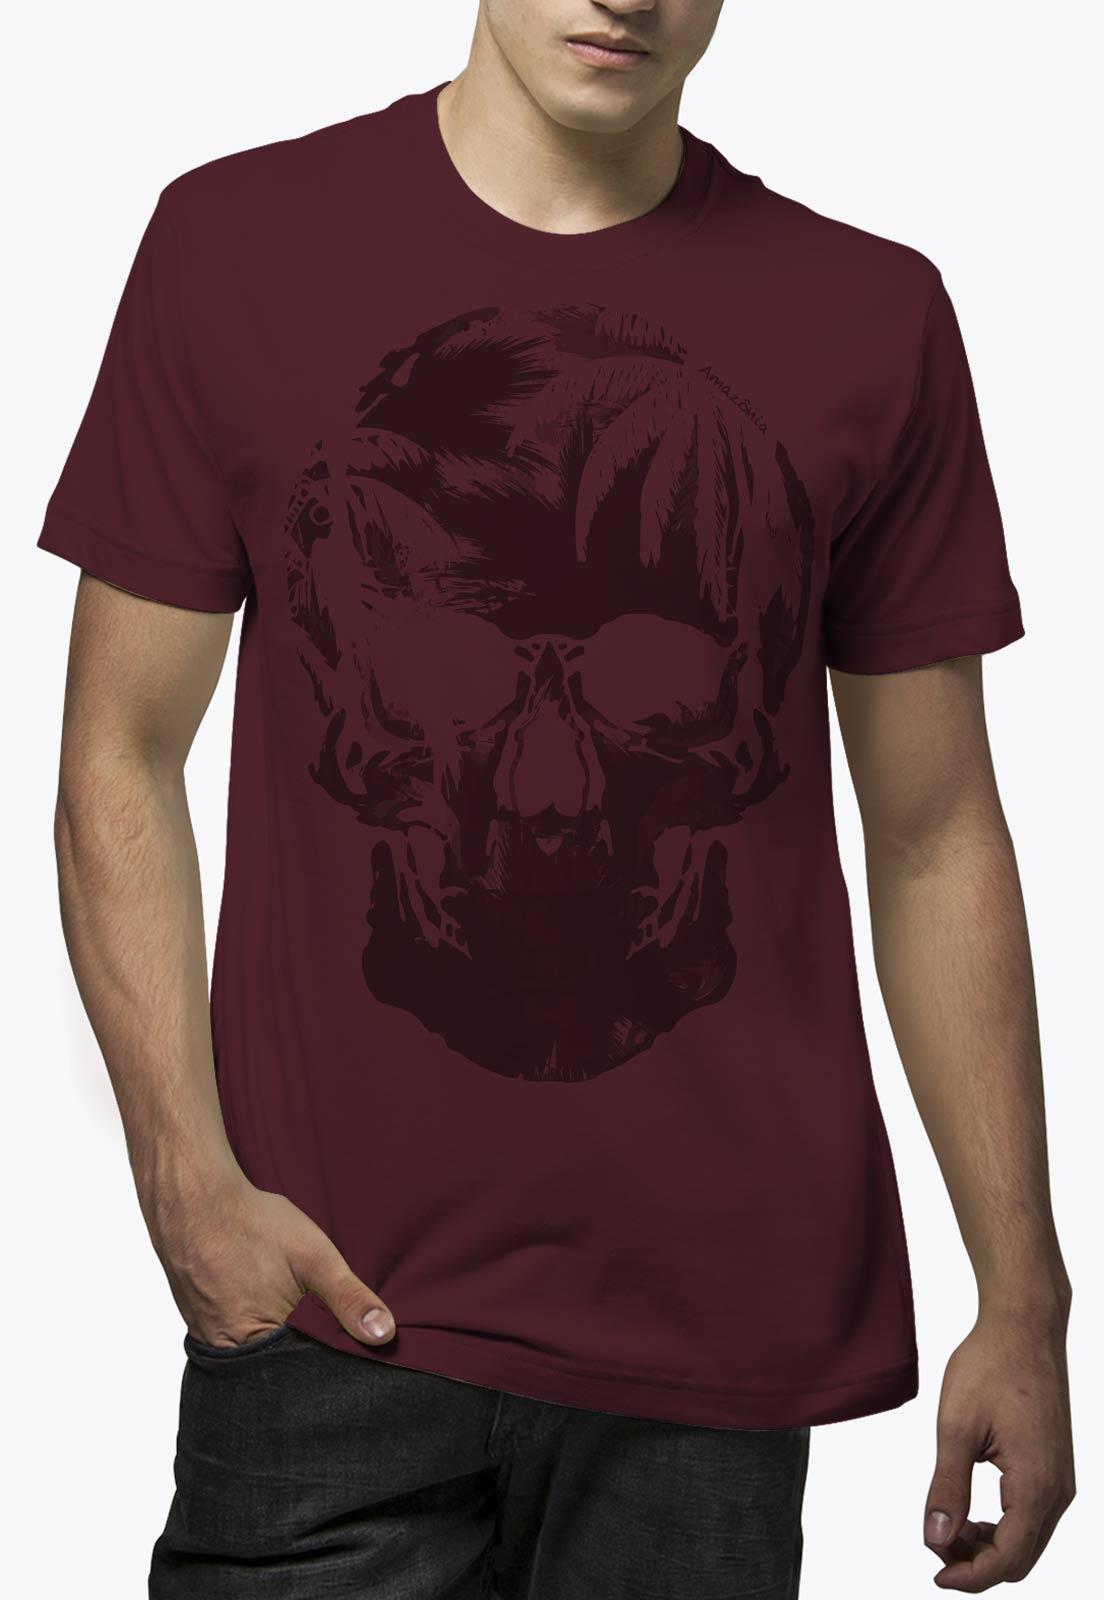 Camiseta Amazônia Caveira - Vinho